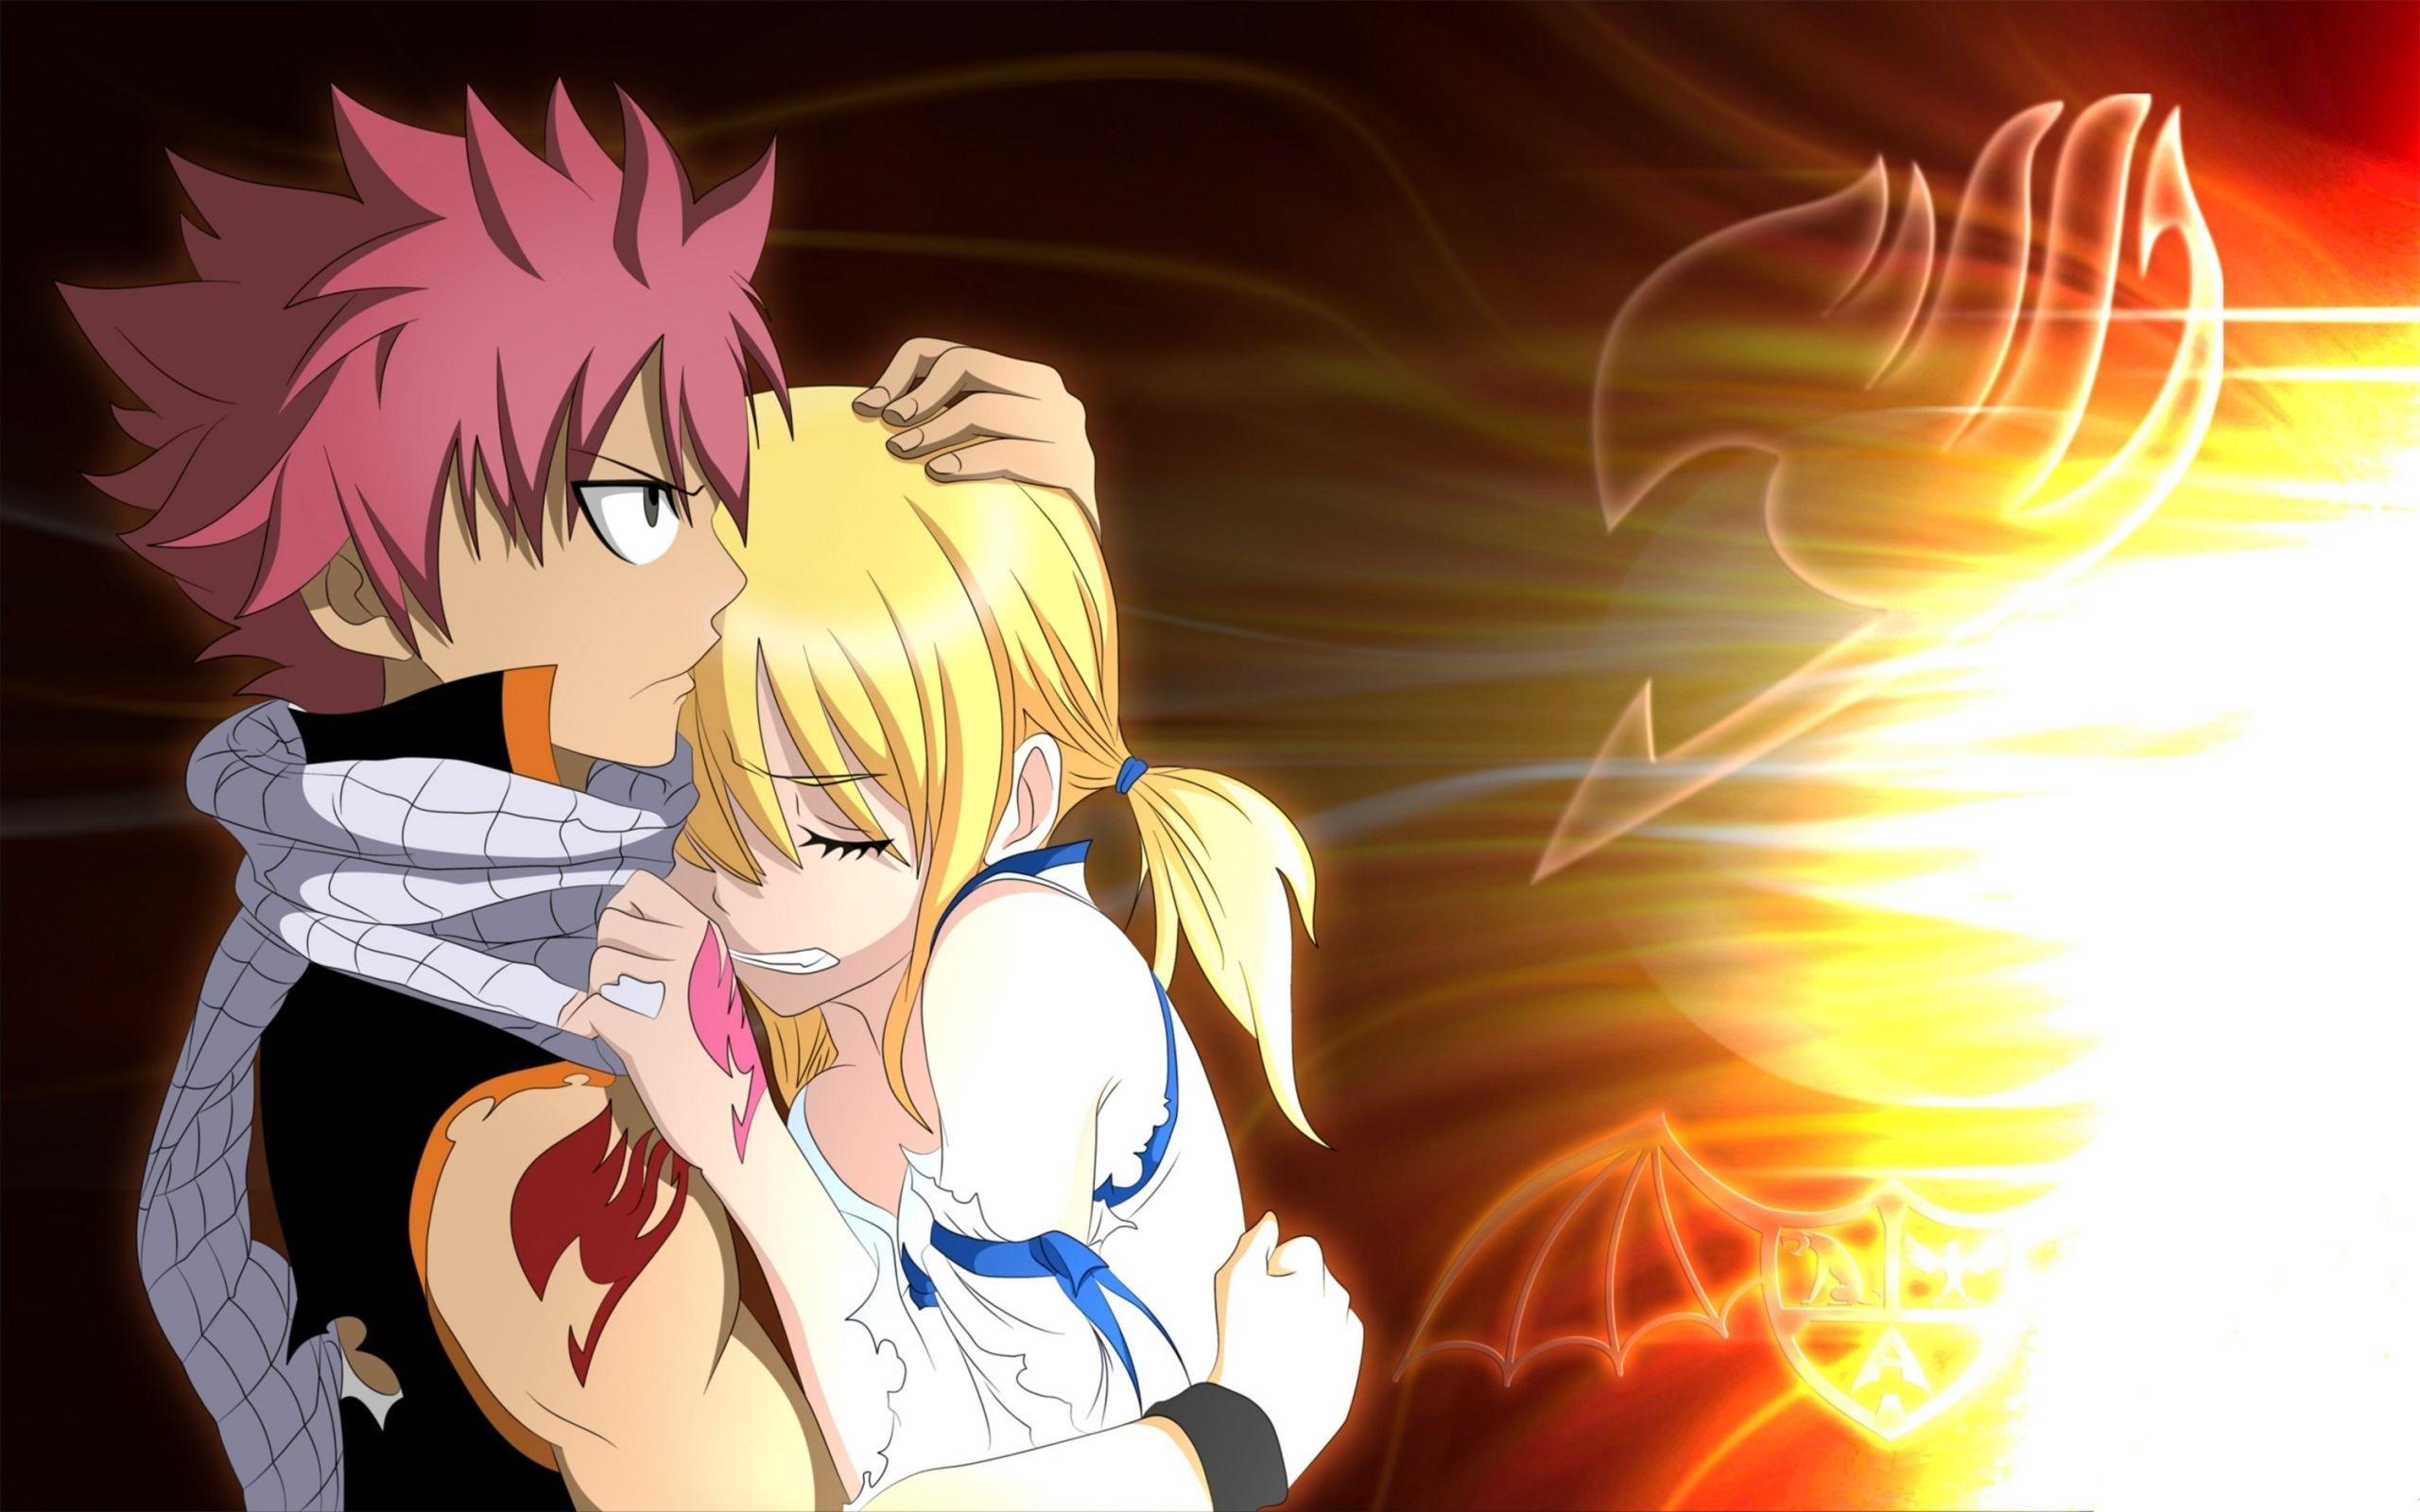 Romance Anime Love Kiss X Sis Wallpaper Fairy Tail Full Hd